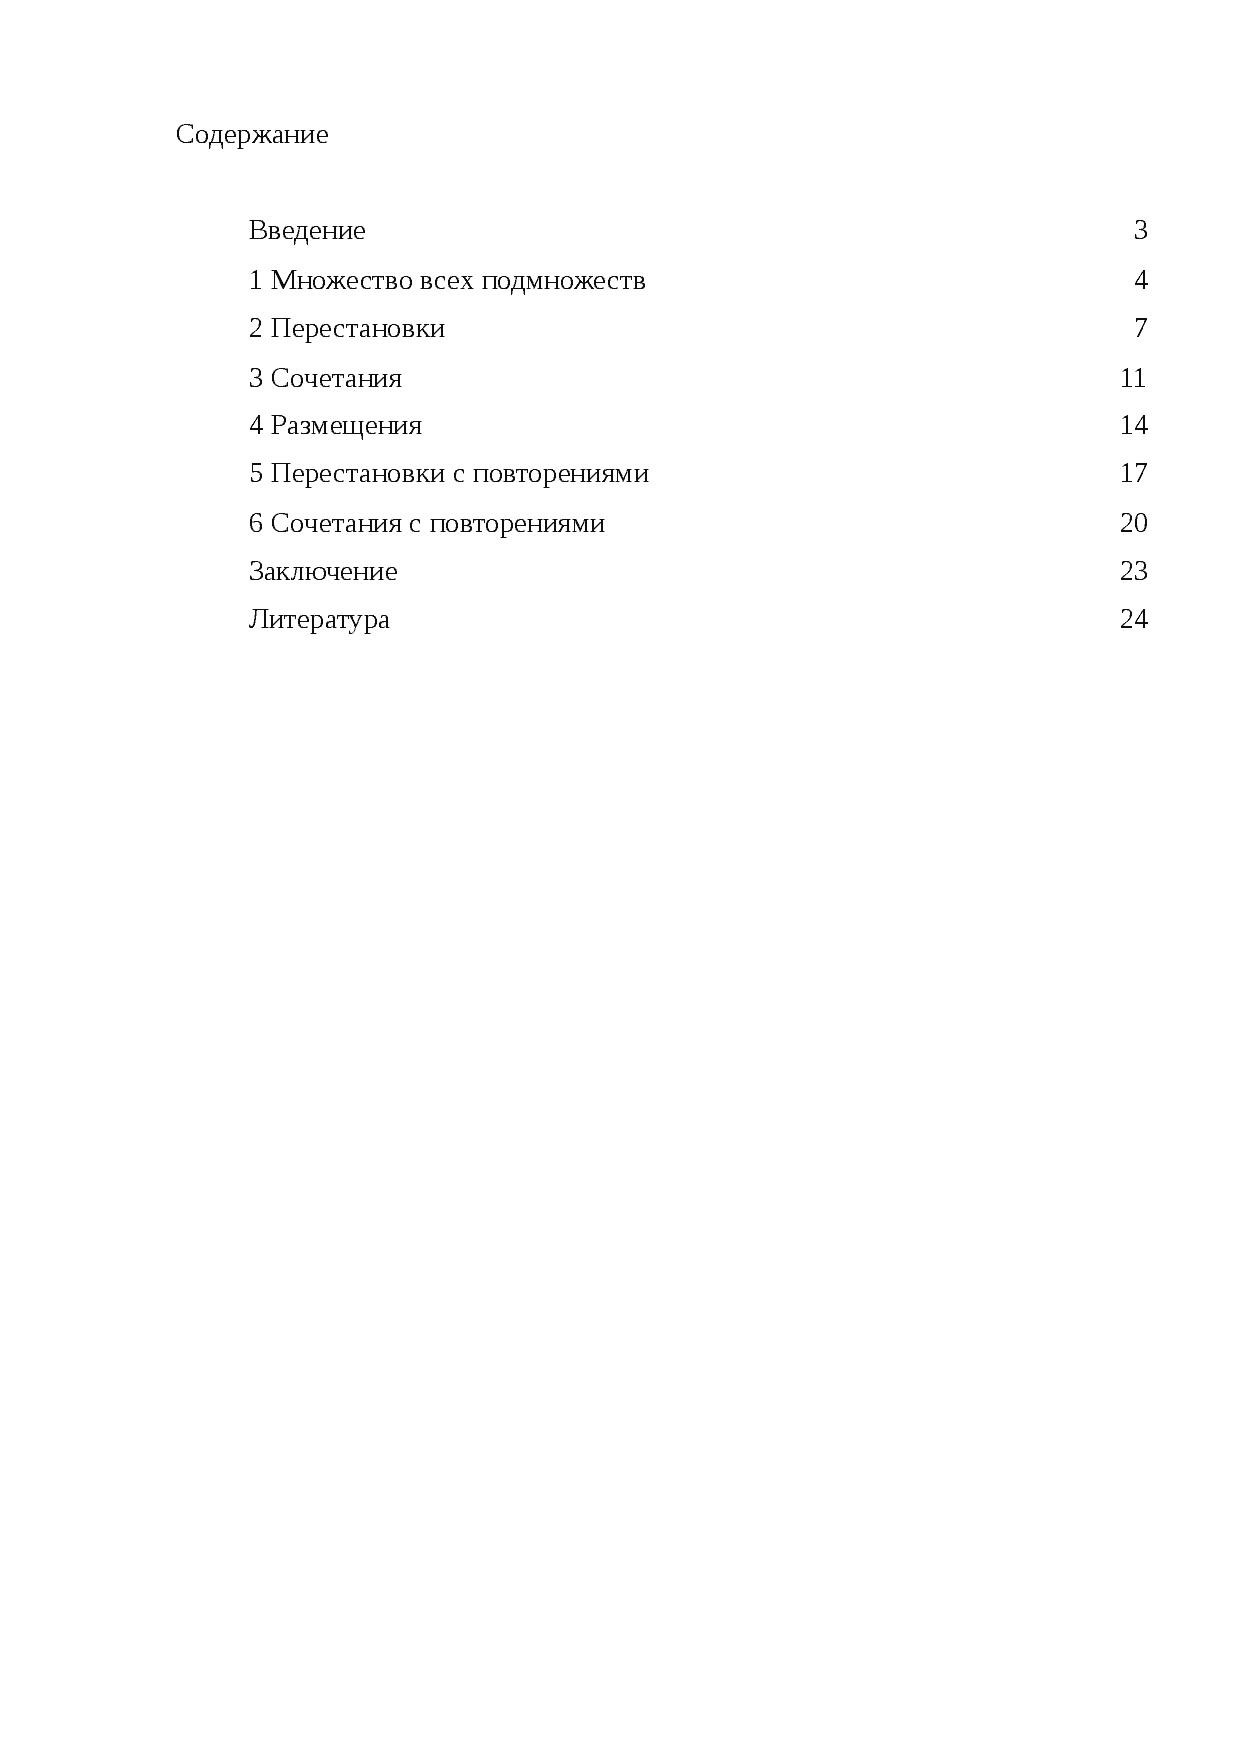 Рандомайзер чисел. генератор случайных чисел без повторения.